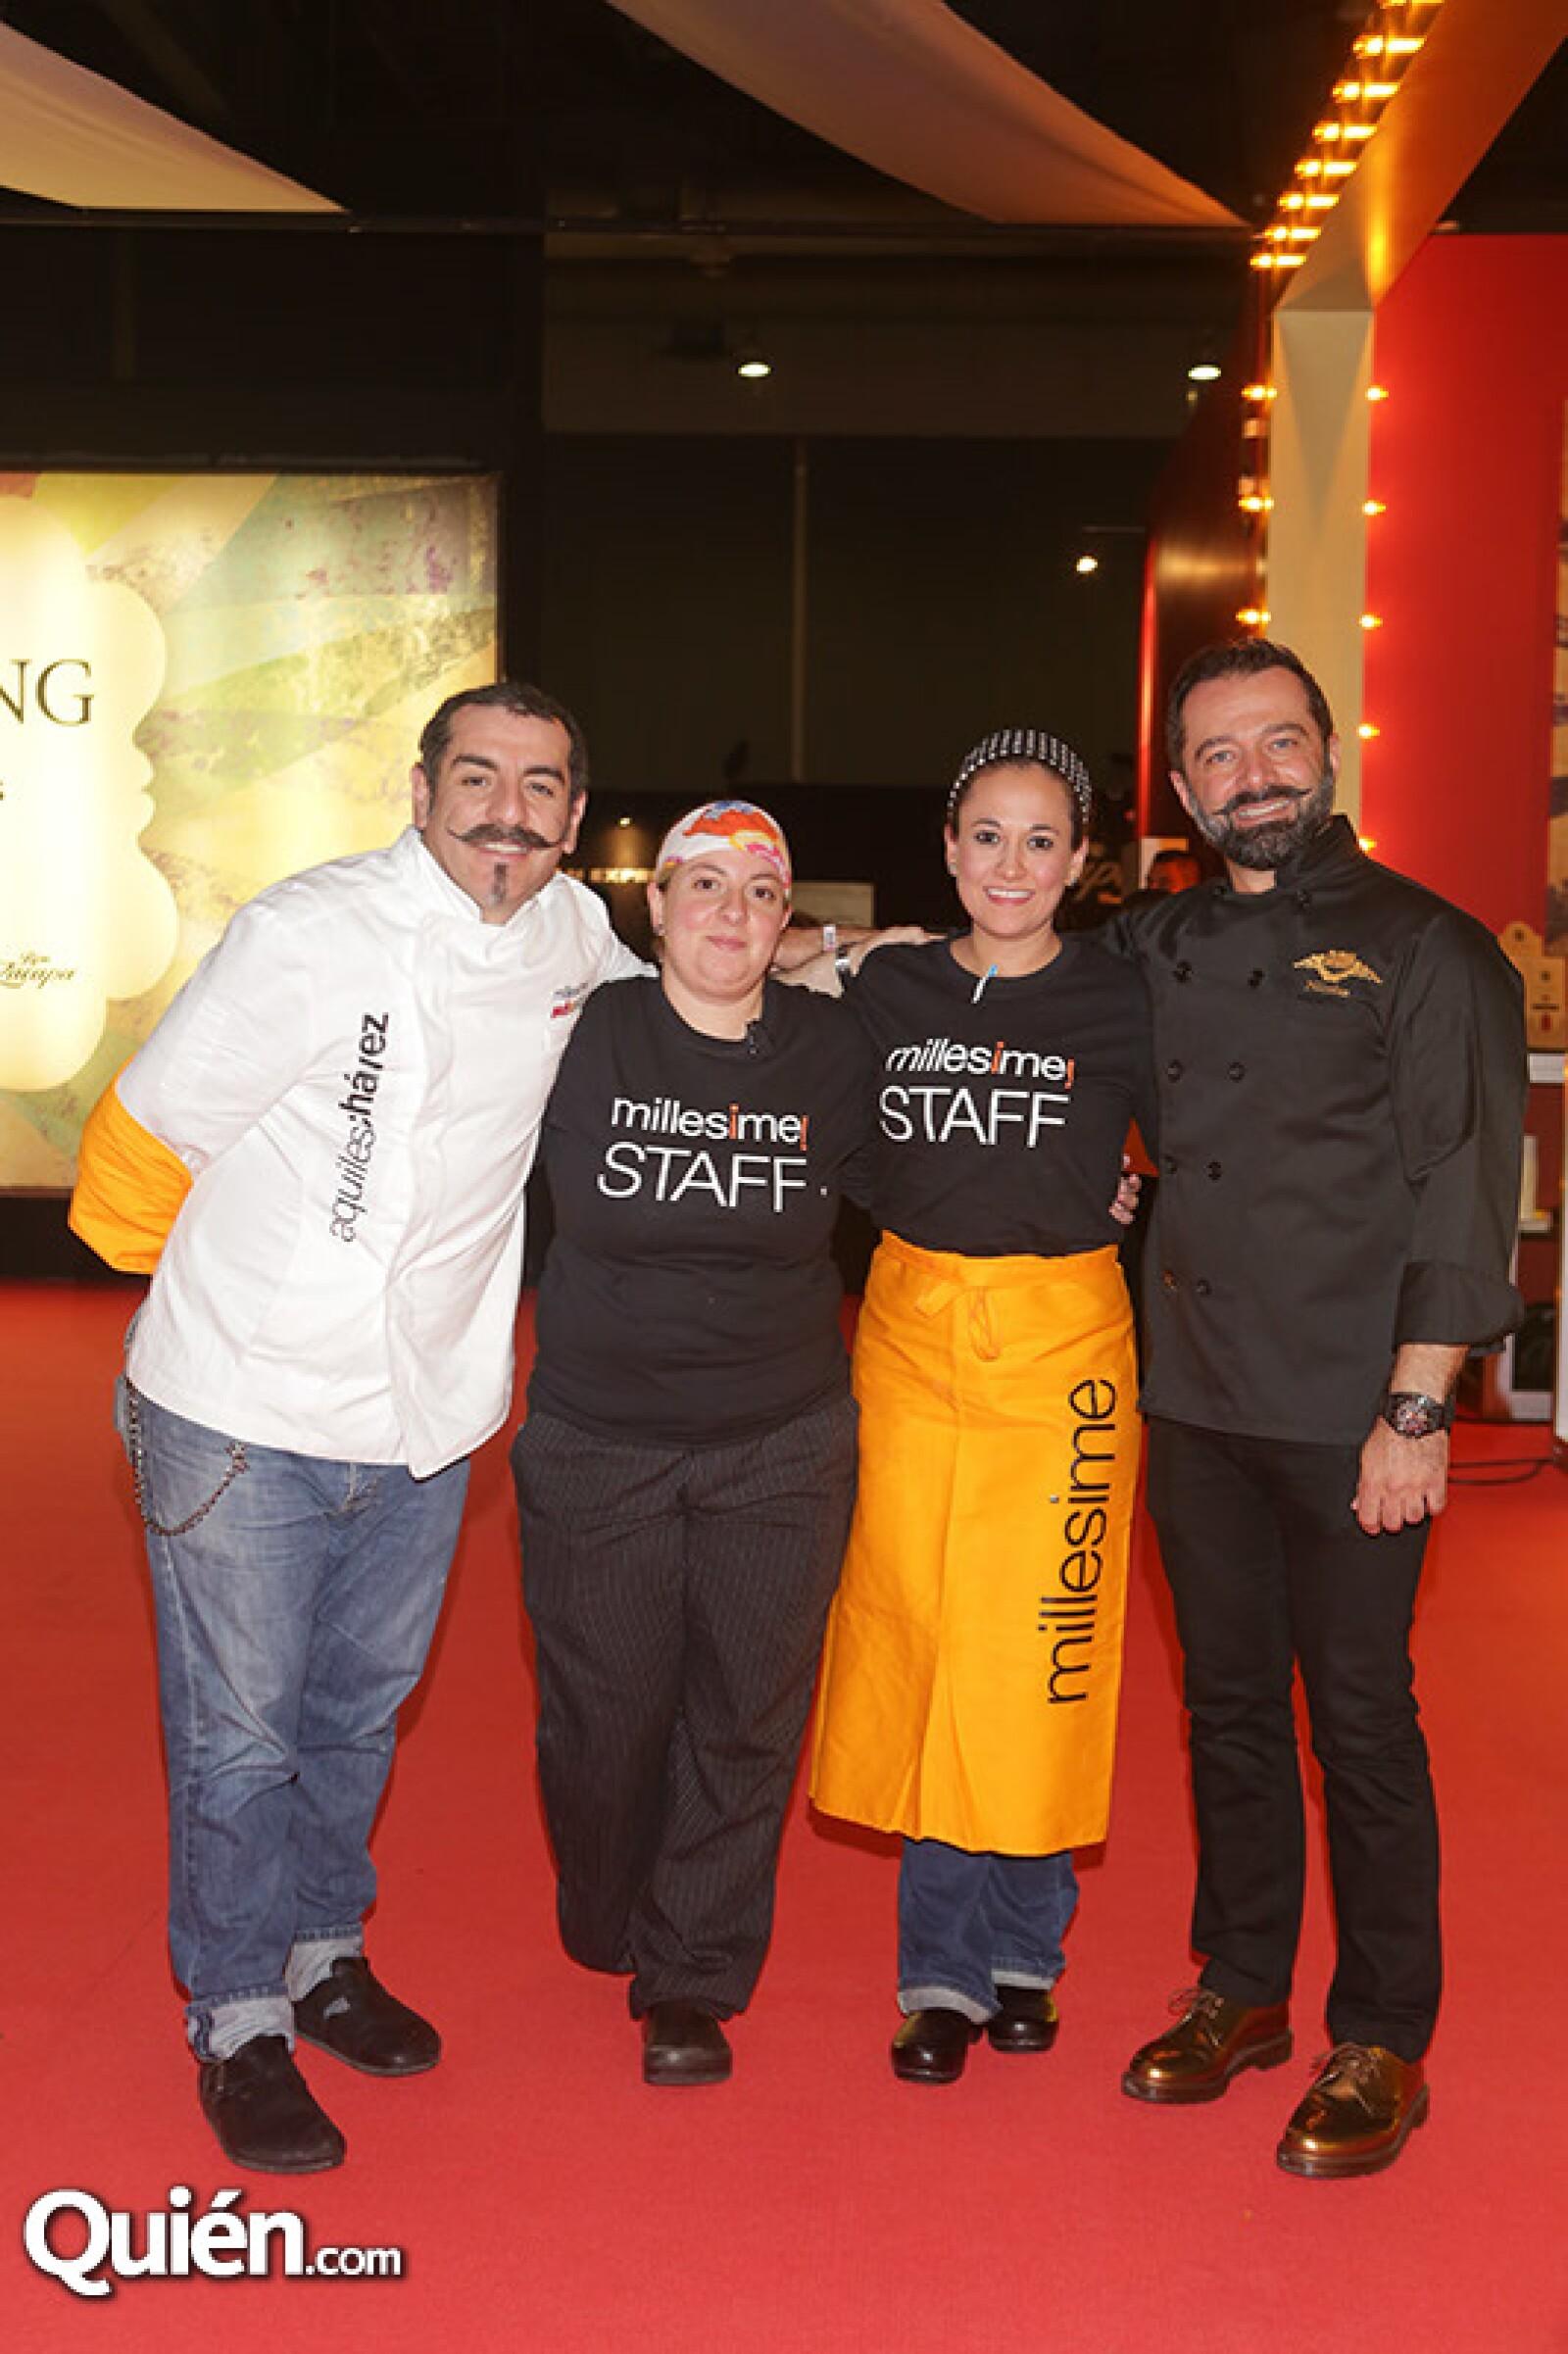 Aquiles Chávez, Jimena Ceballos, Sofía Martínez y Nicolás Martín del Campo